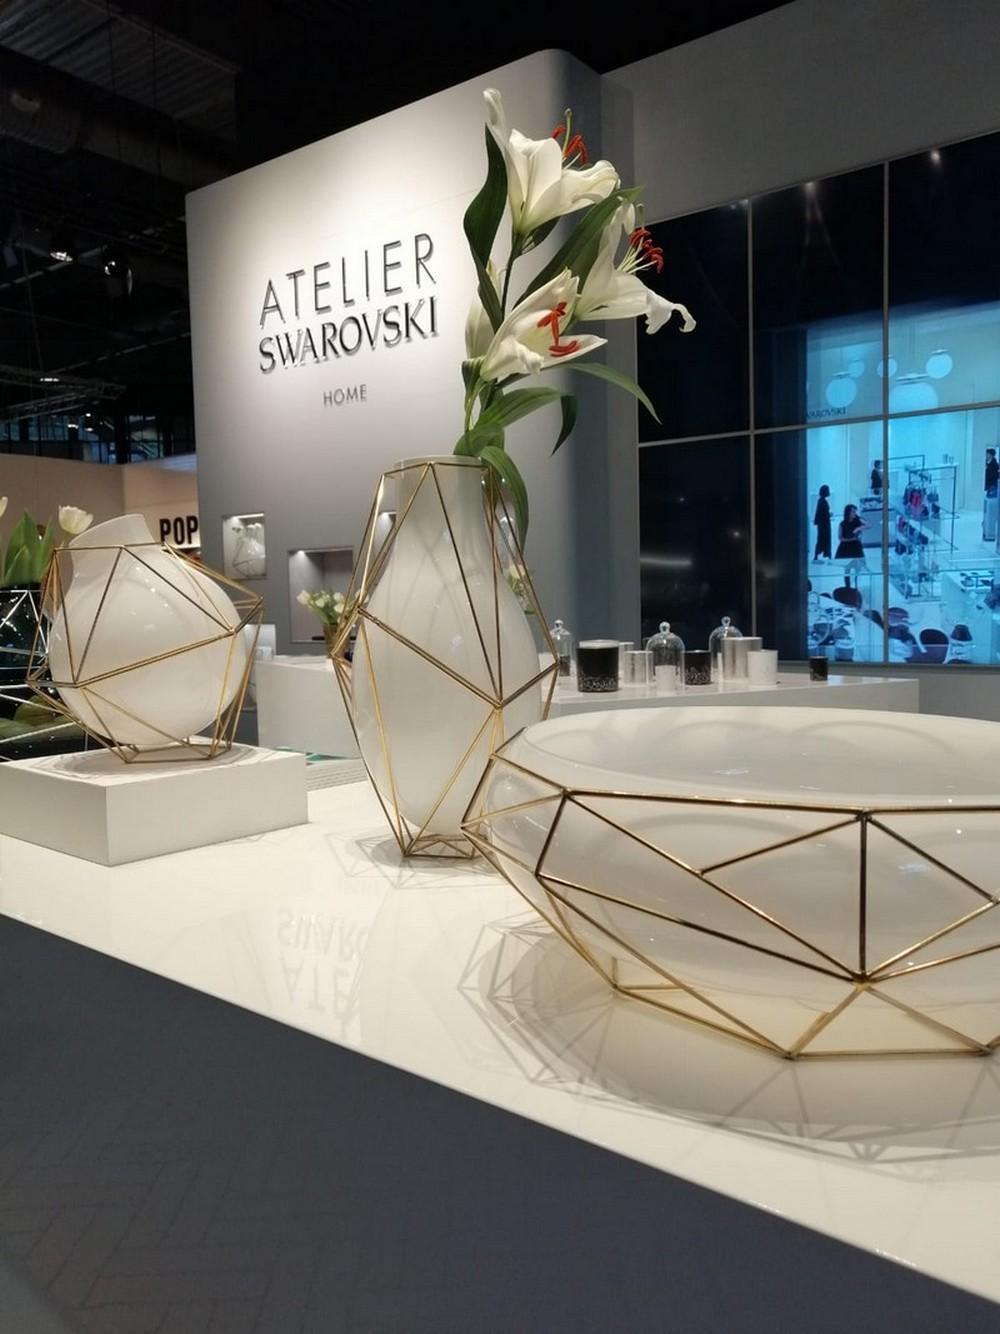 Top Luxury Design Brands To Vist During Salone Del Mobile Milano top luxury design brands Top Luxury Design Brands To Vist During Salone Del Mobile Milano Top Luxury Design Brands To Vist During Salone Del Mobile Milano 2